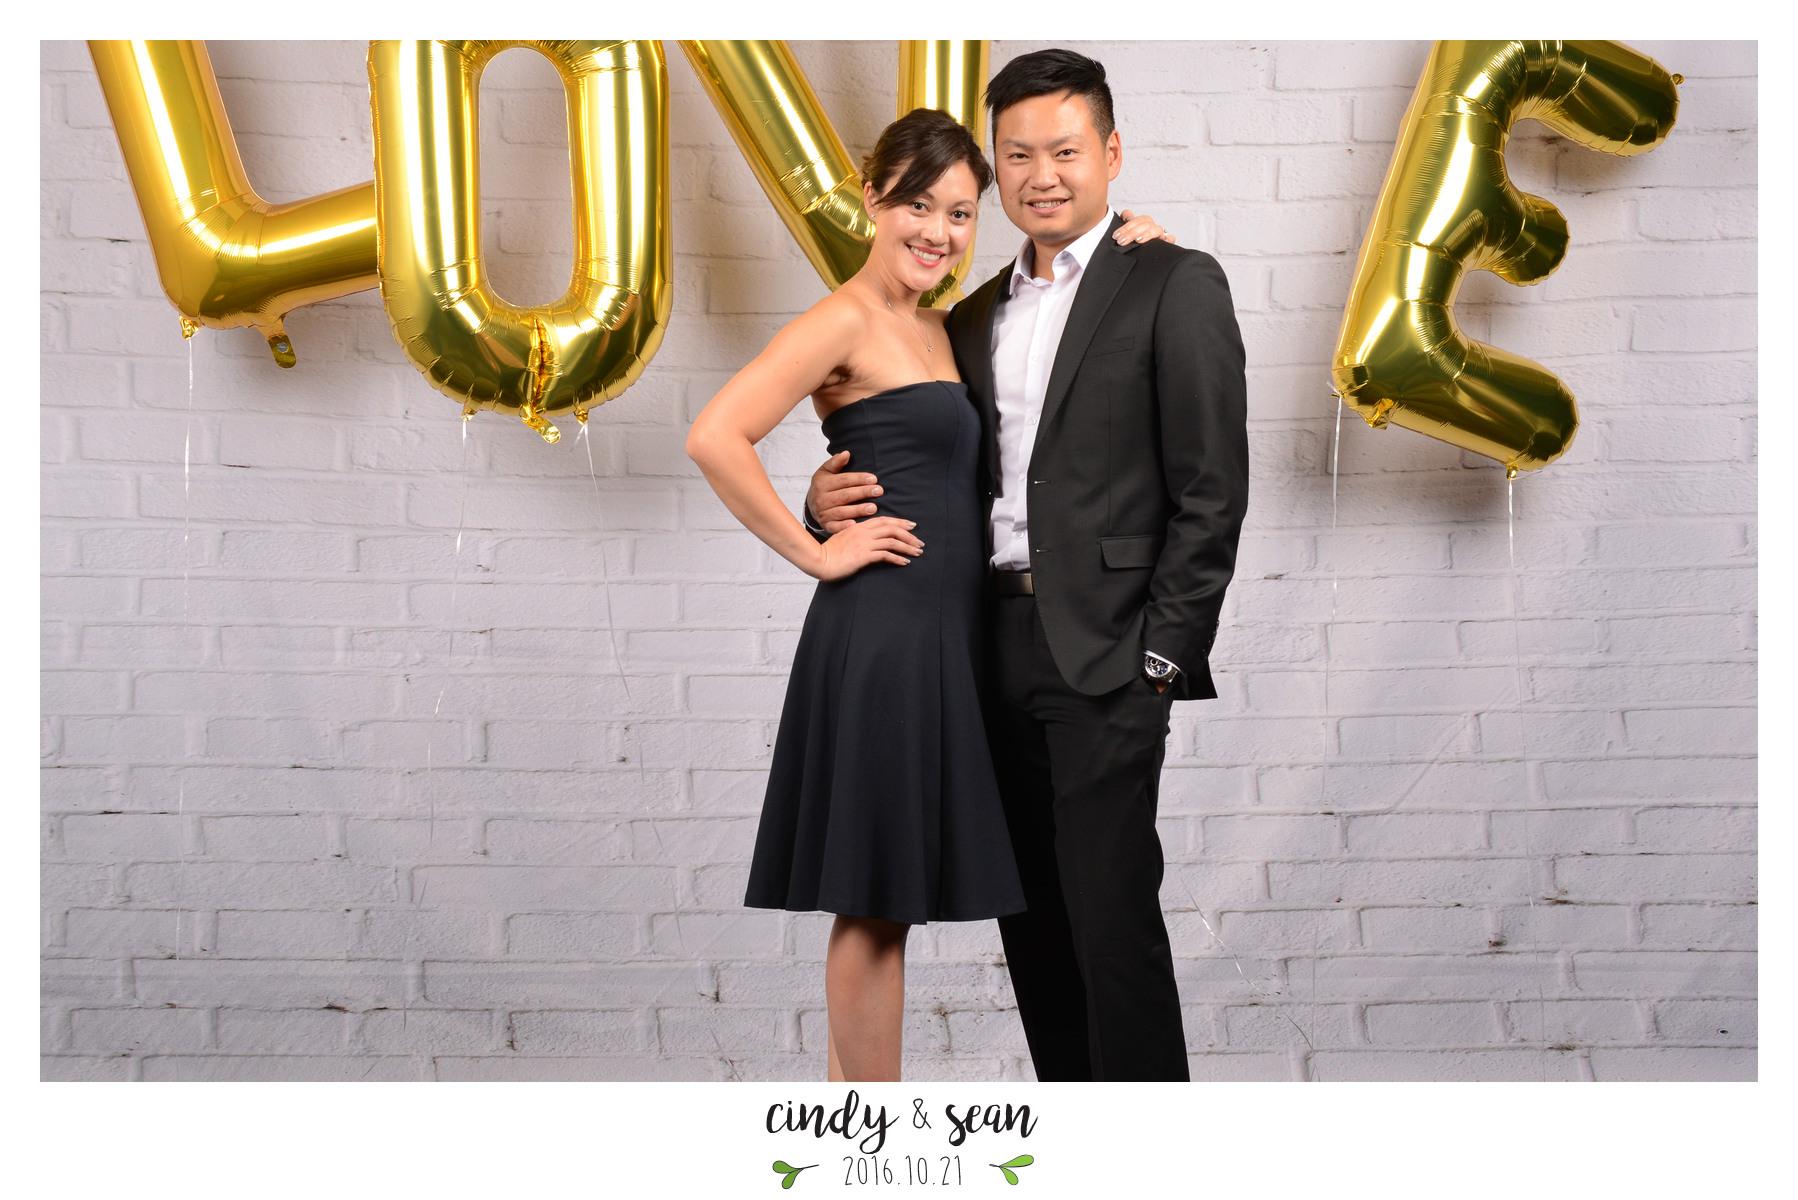 Cindy Sean Bae - 0001-122.jpg